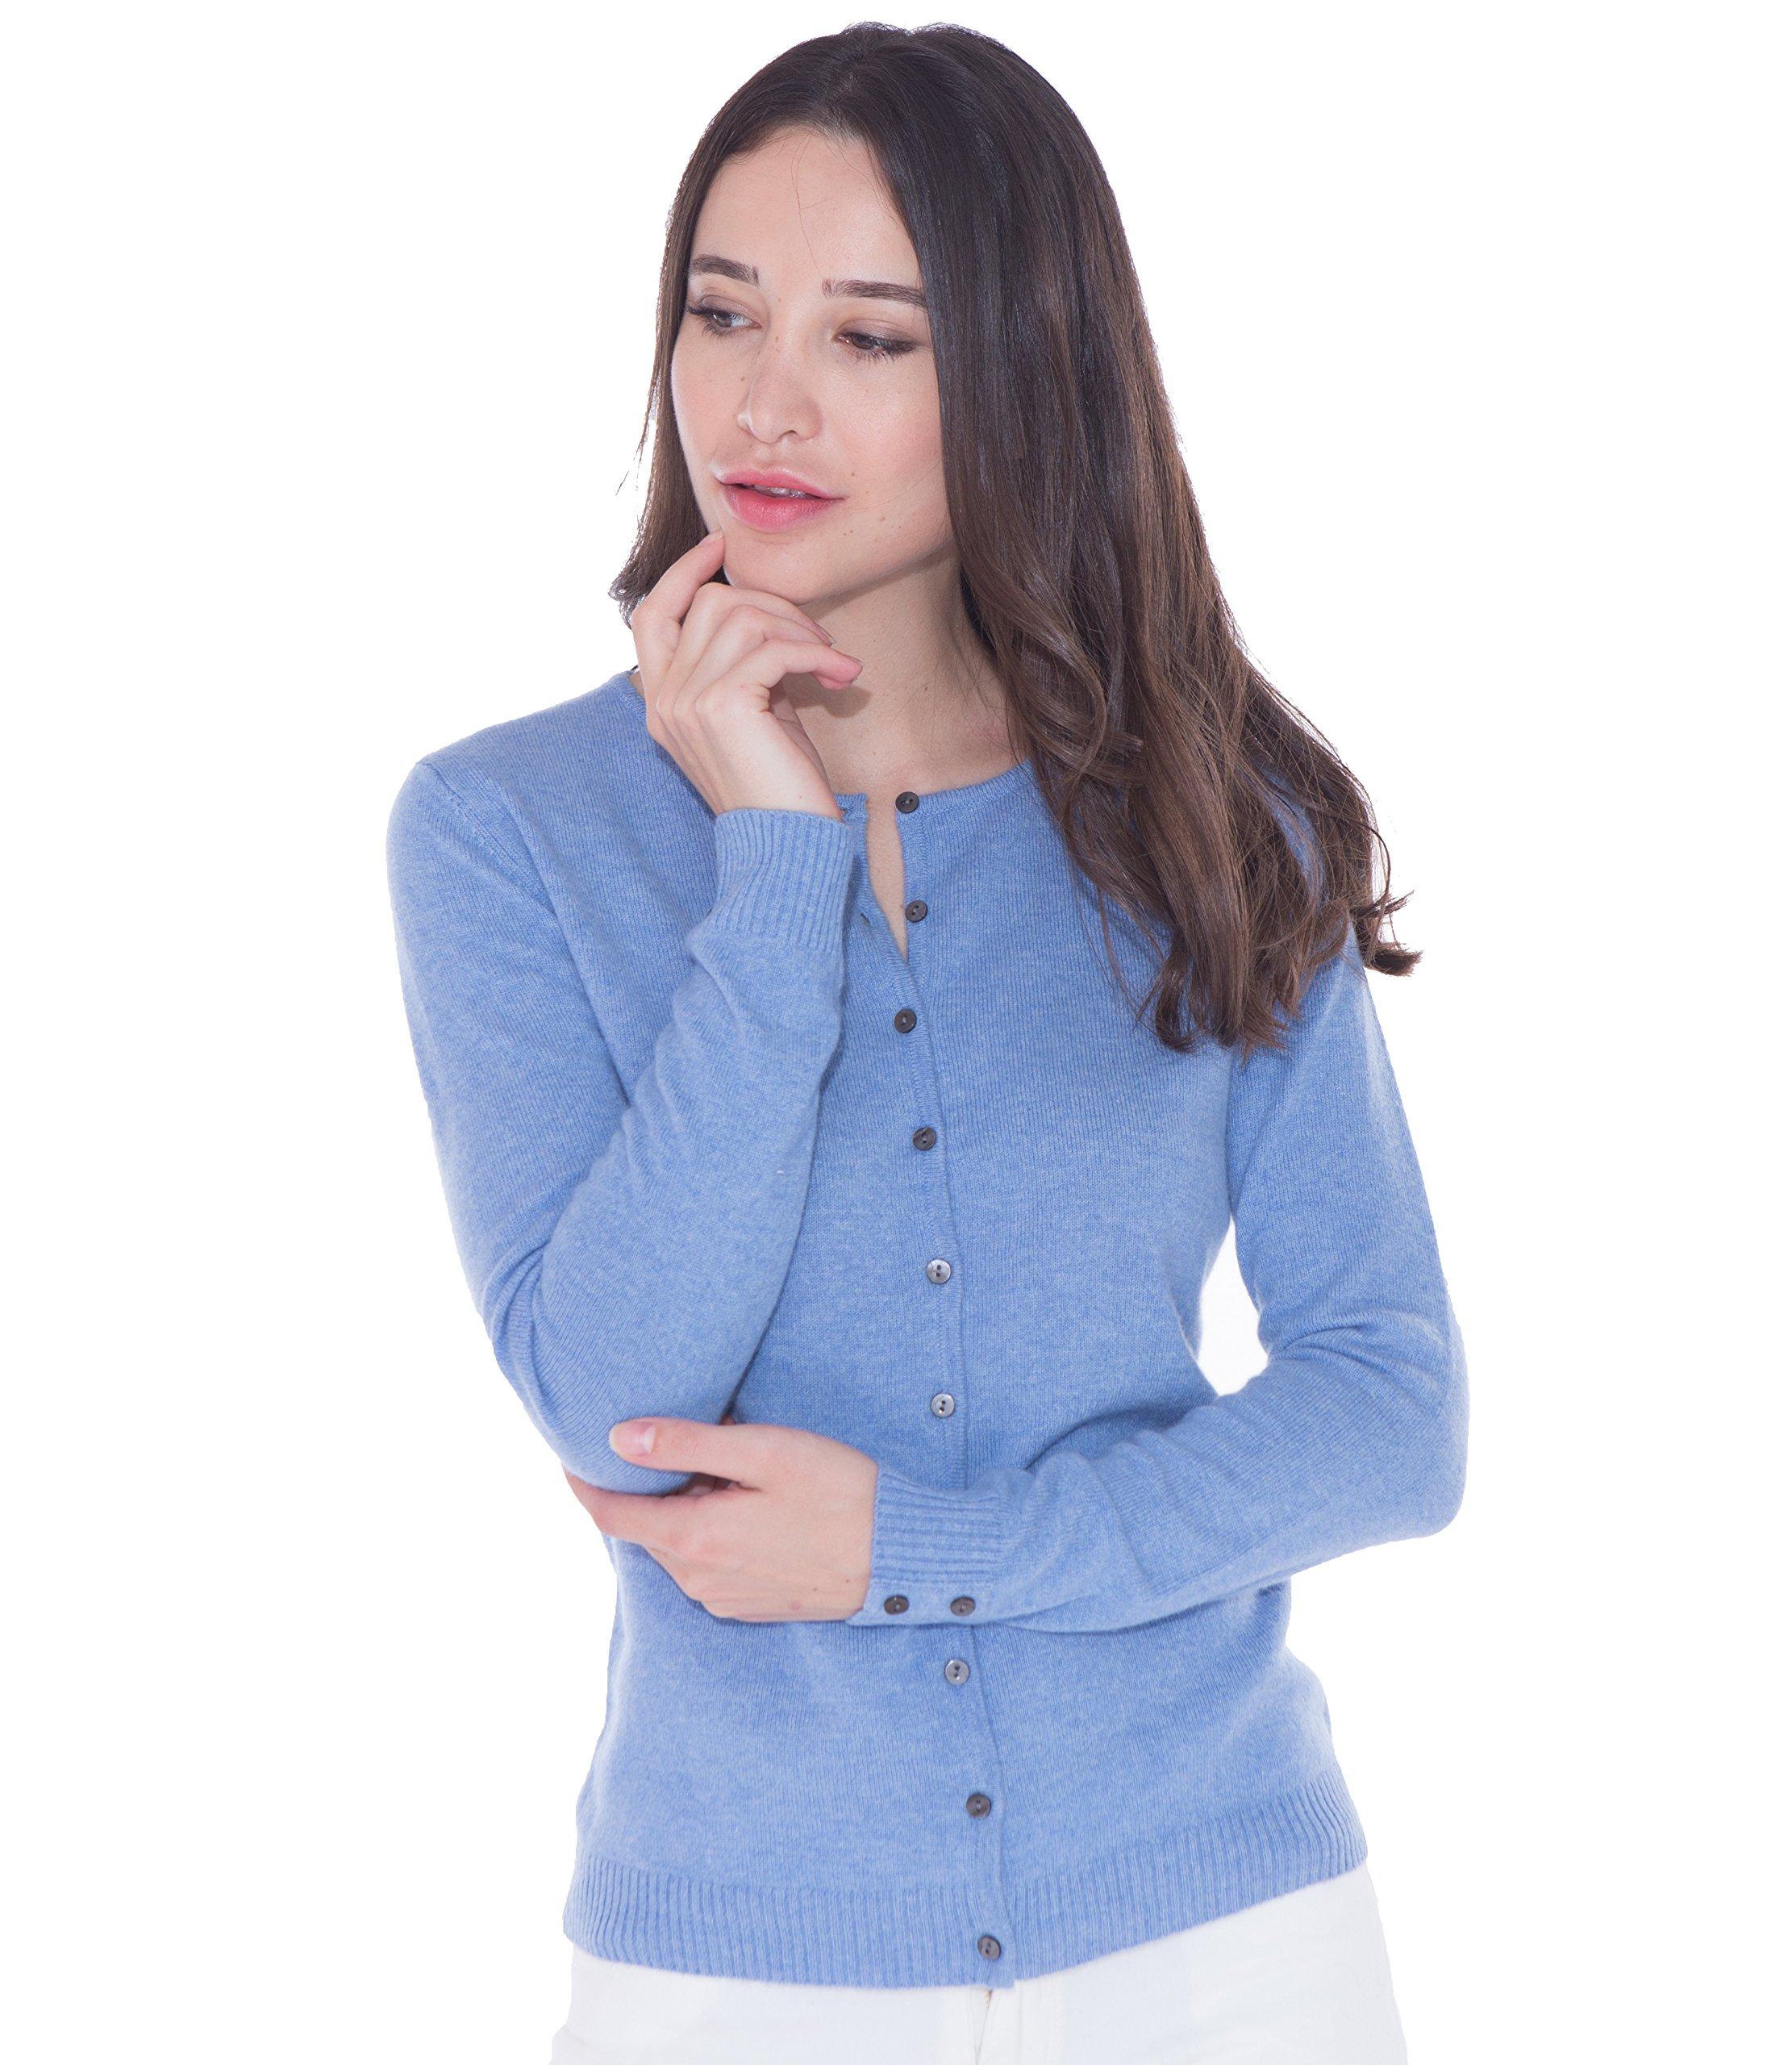 Basic Slim Round Neck Long Sleeve 100% Cashmere Cardigan Sweater from cashmere 4 U (Medium, Azure)